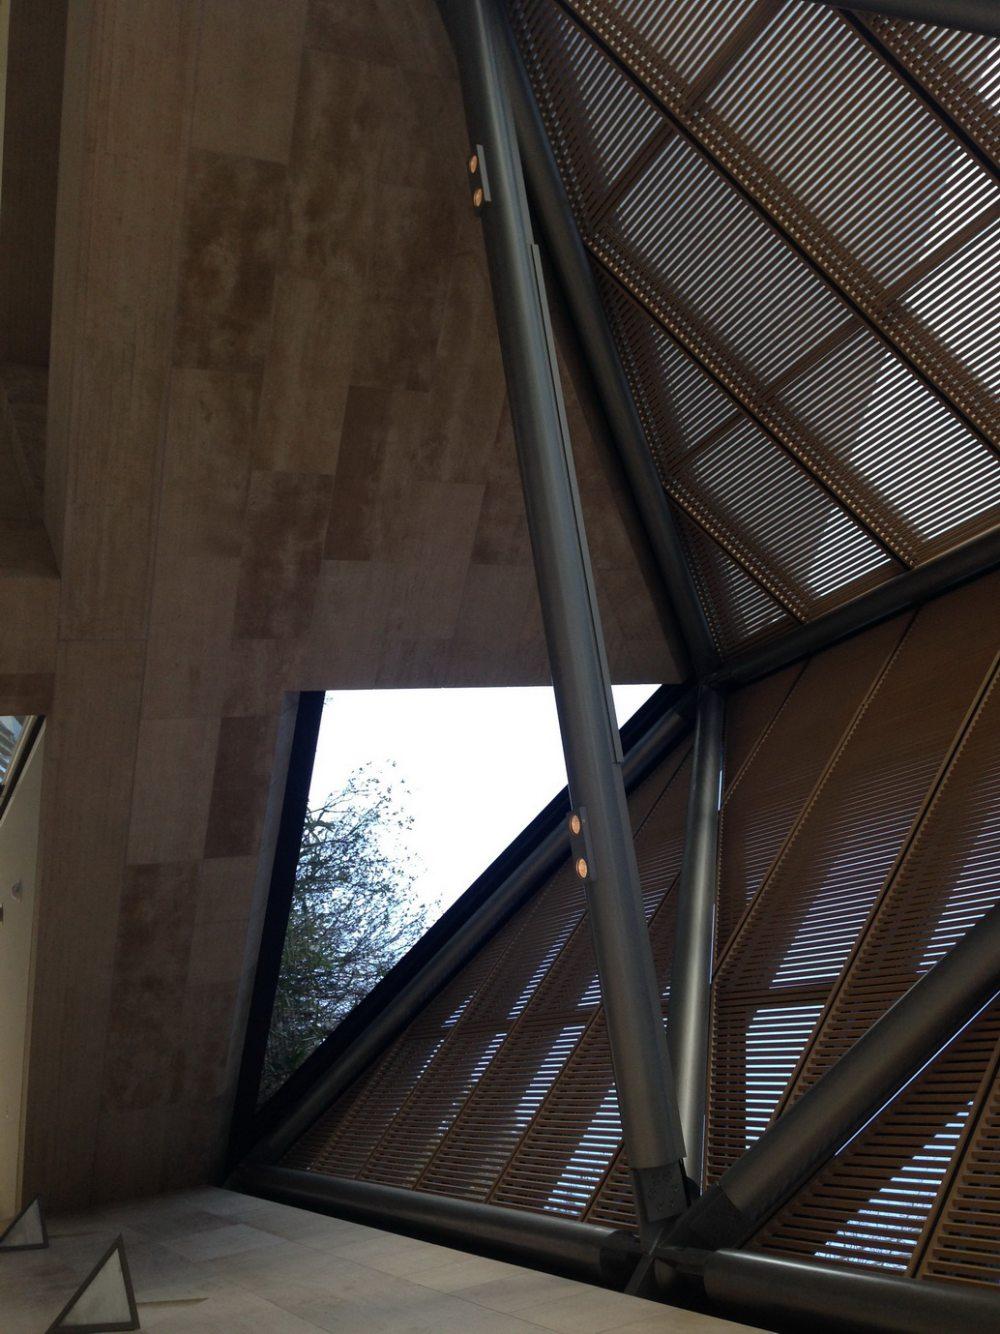 日本美秀美术馆MIHO MUSEUM自拍分享-贝聿铭_IMG_7239.JPG